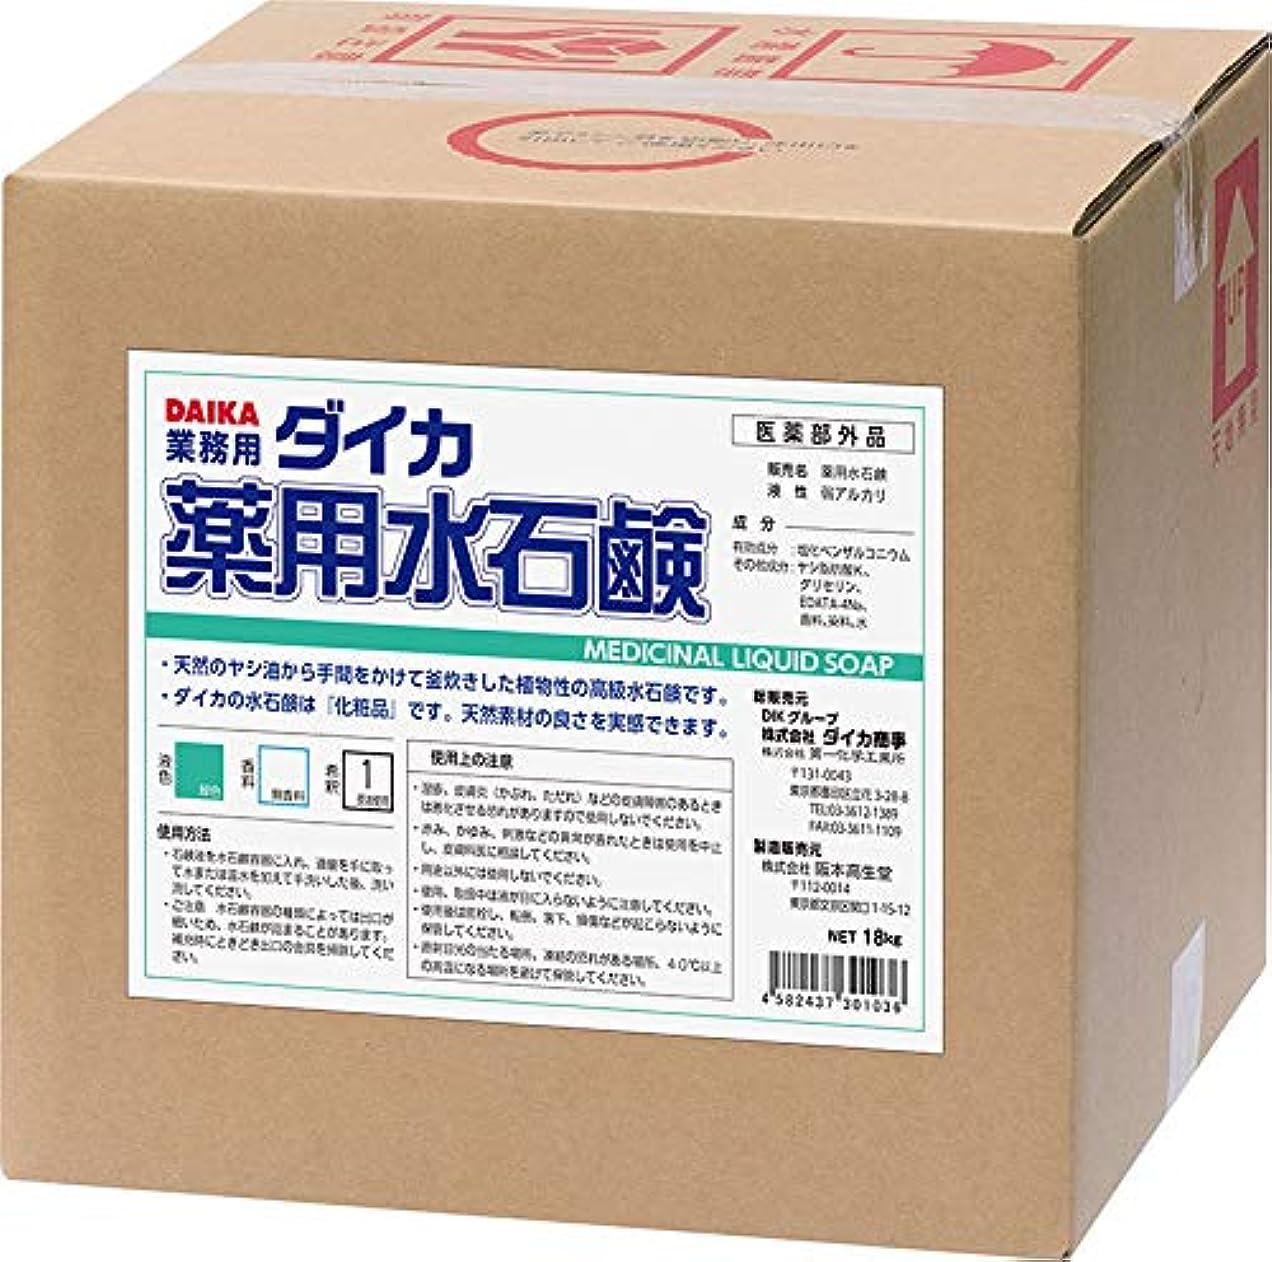 食べる従順匹敵します【医薬部外品】業務用 ハンドソープ ダイカ 薬用 水石鹸 MGN 18kg